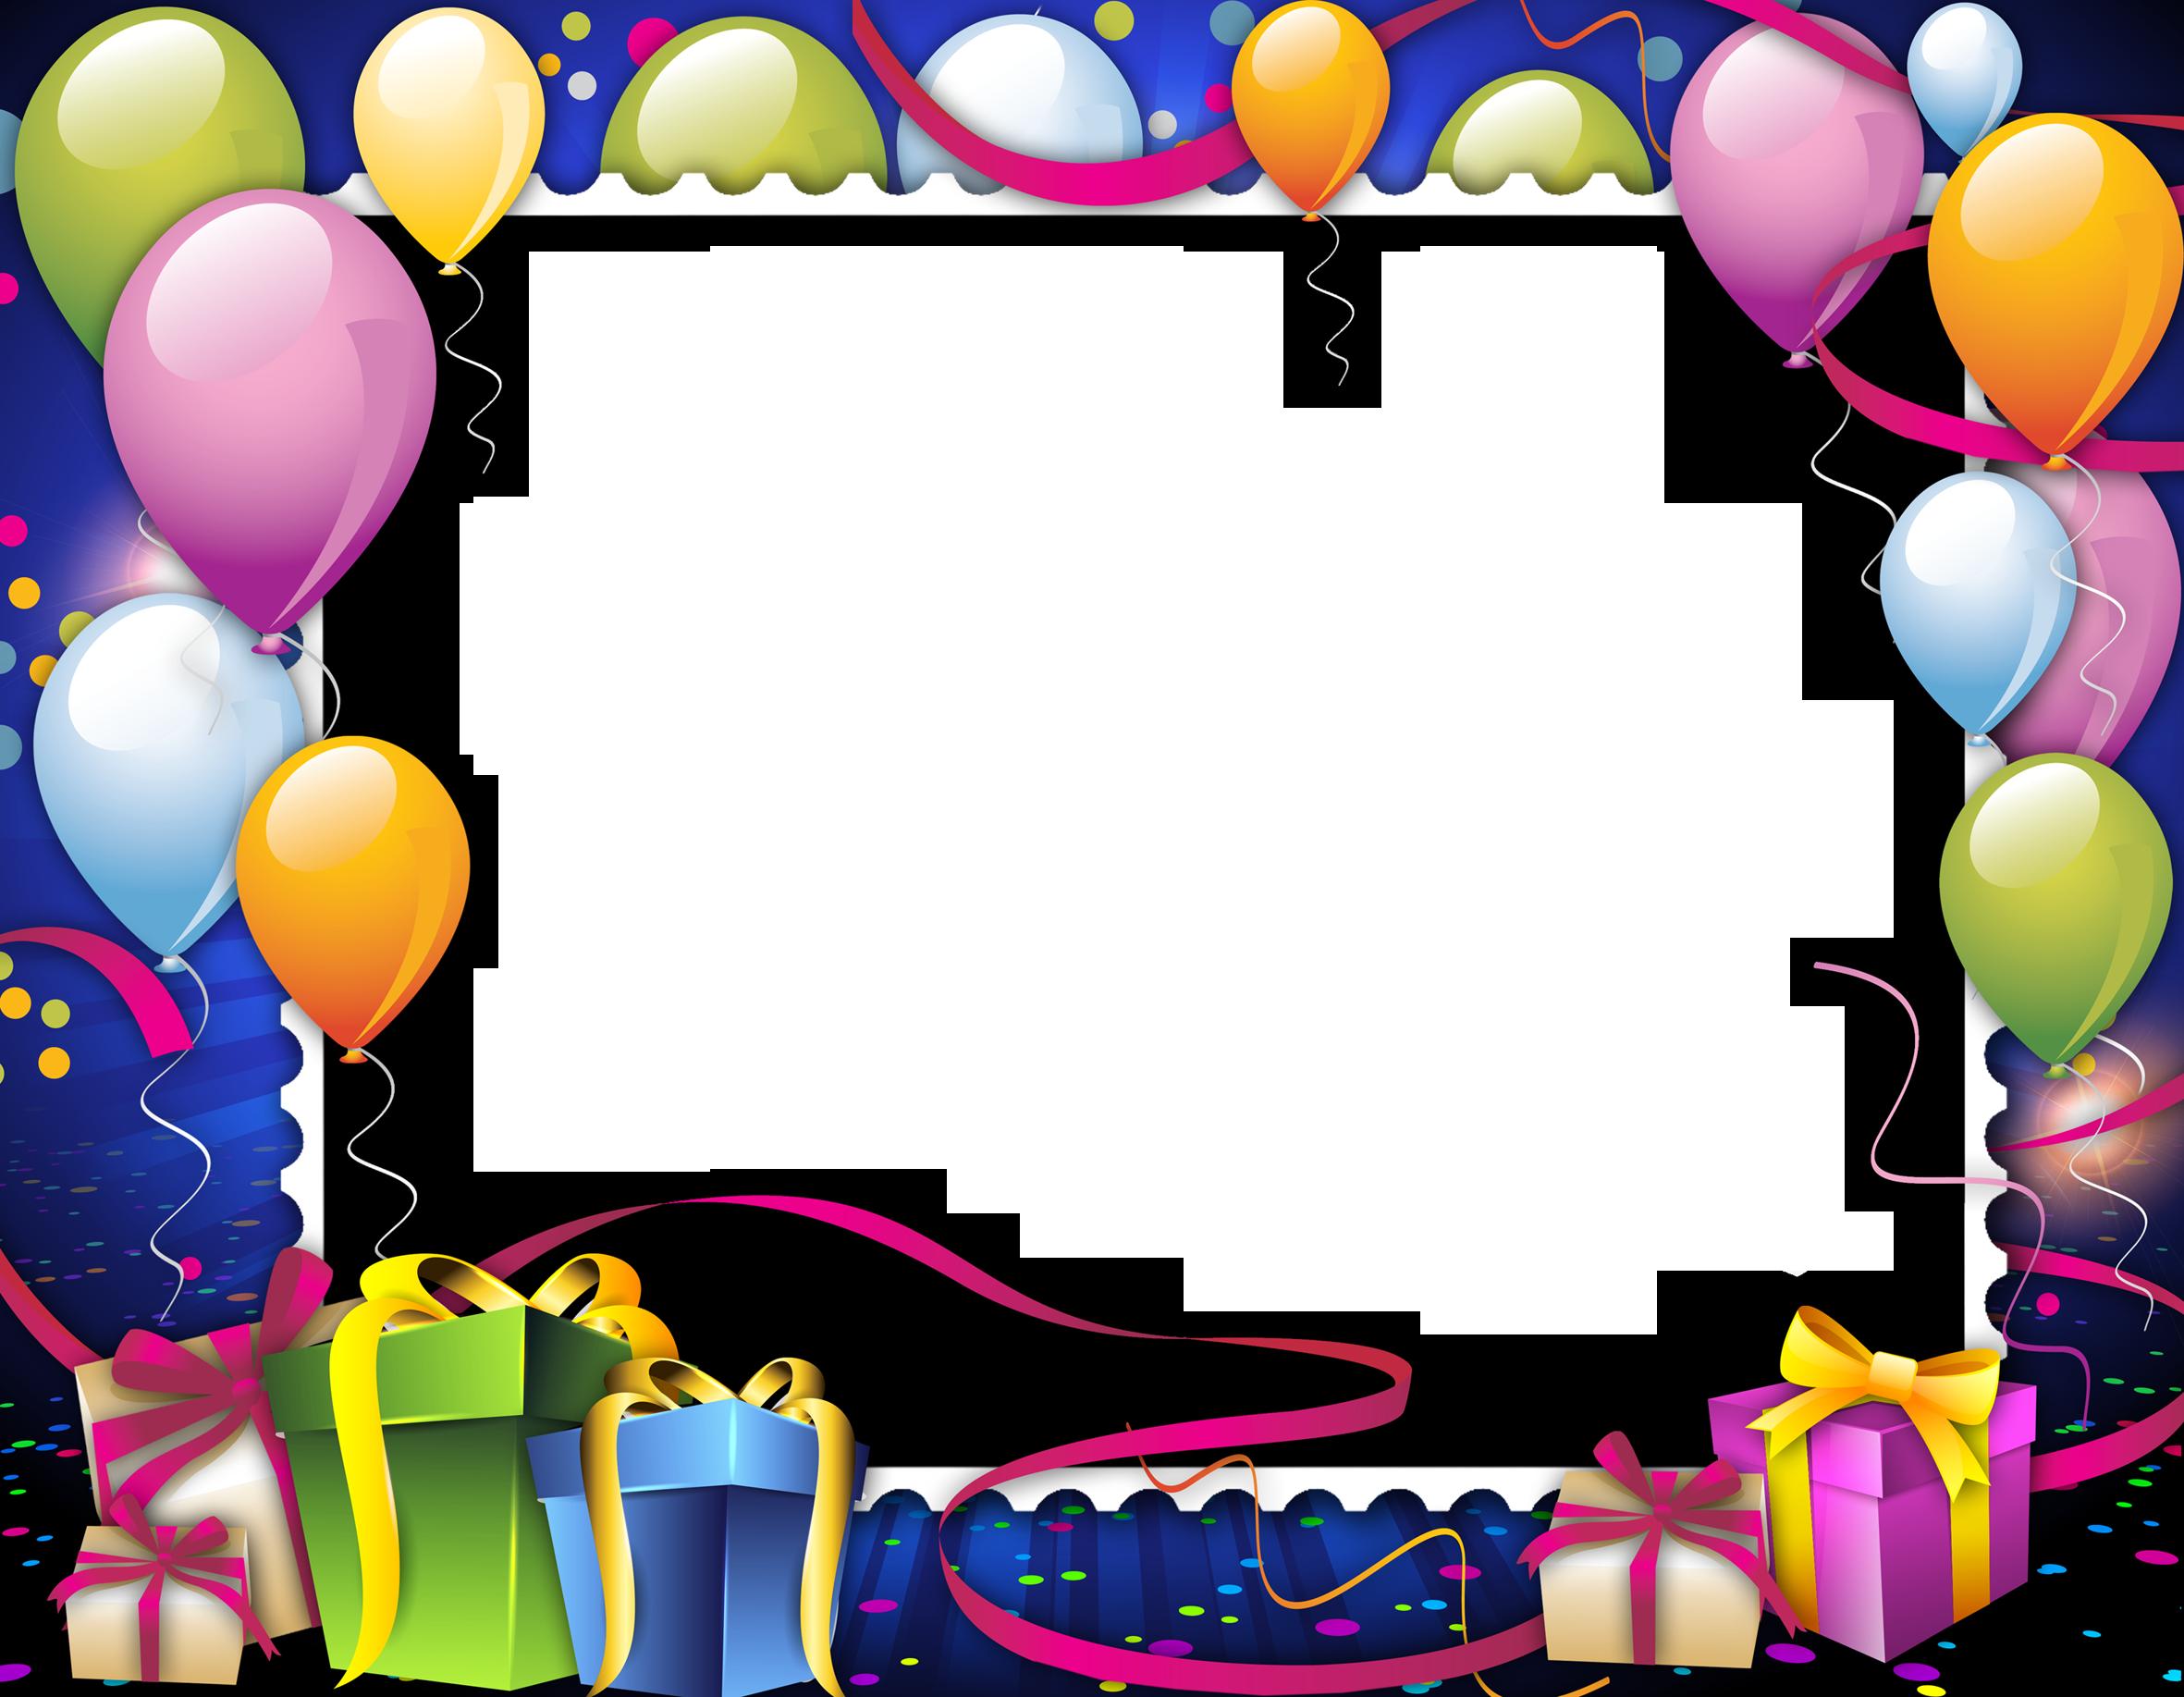 меня шаблоны презентации поздравления с днем рождения многократно корректировала